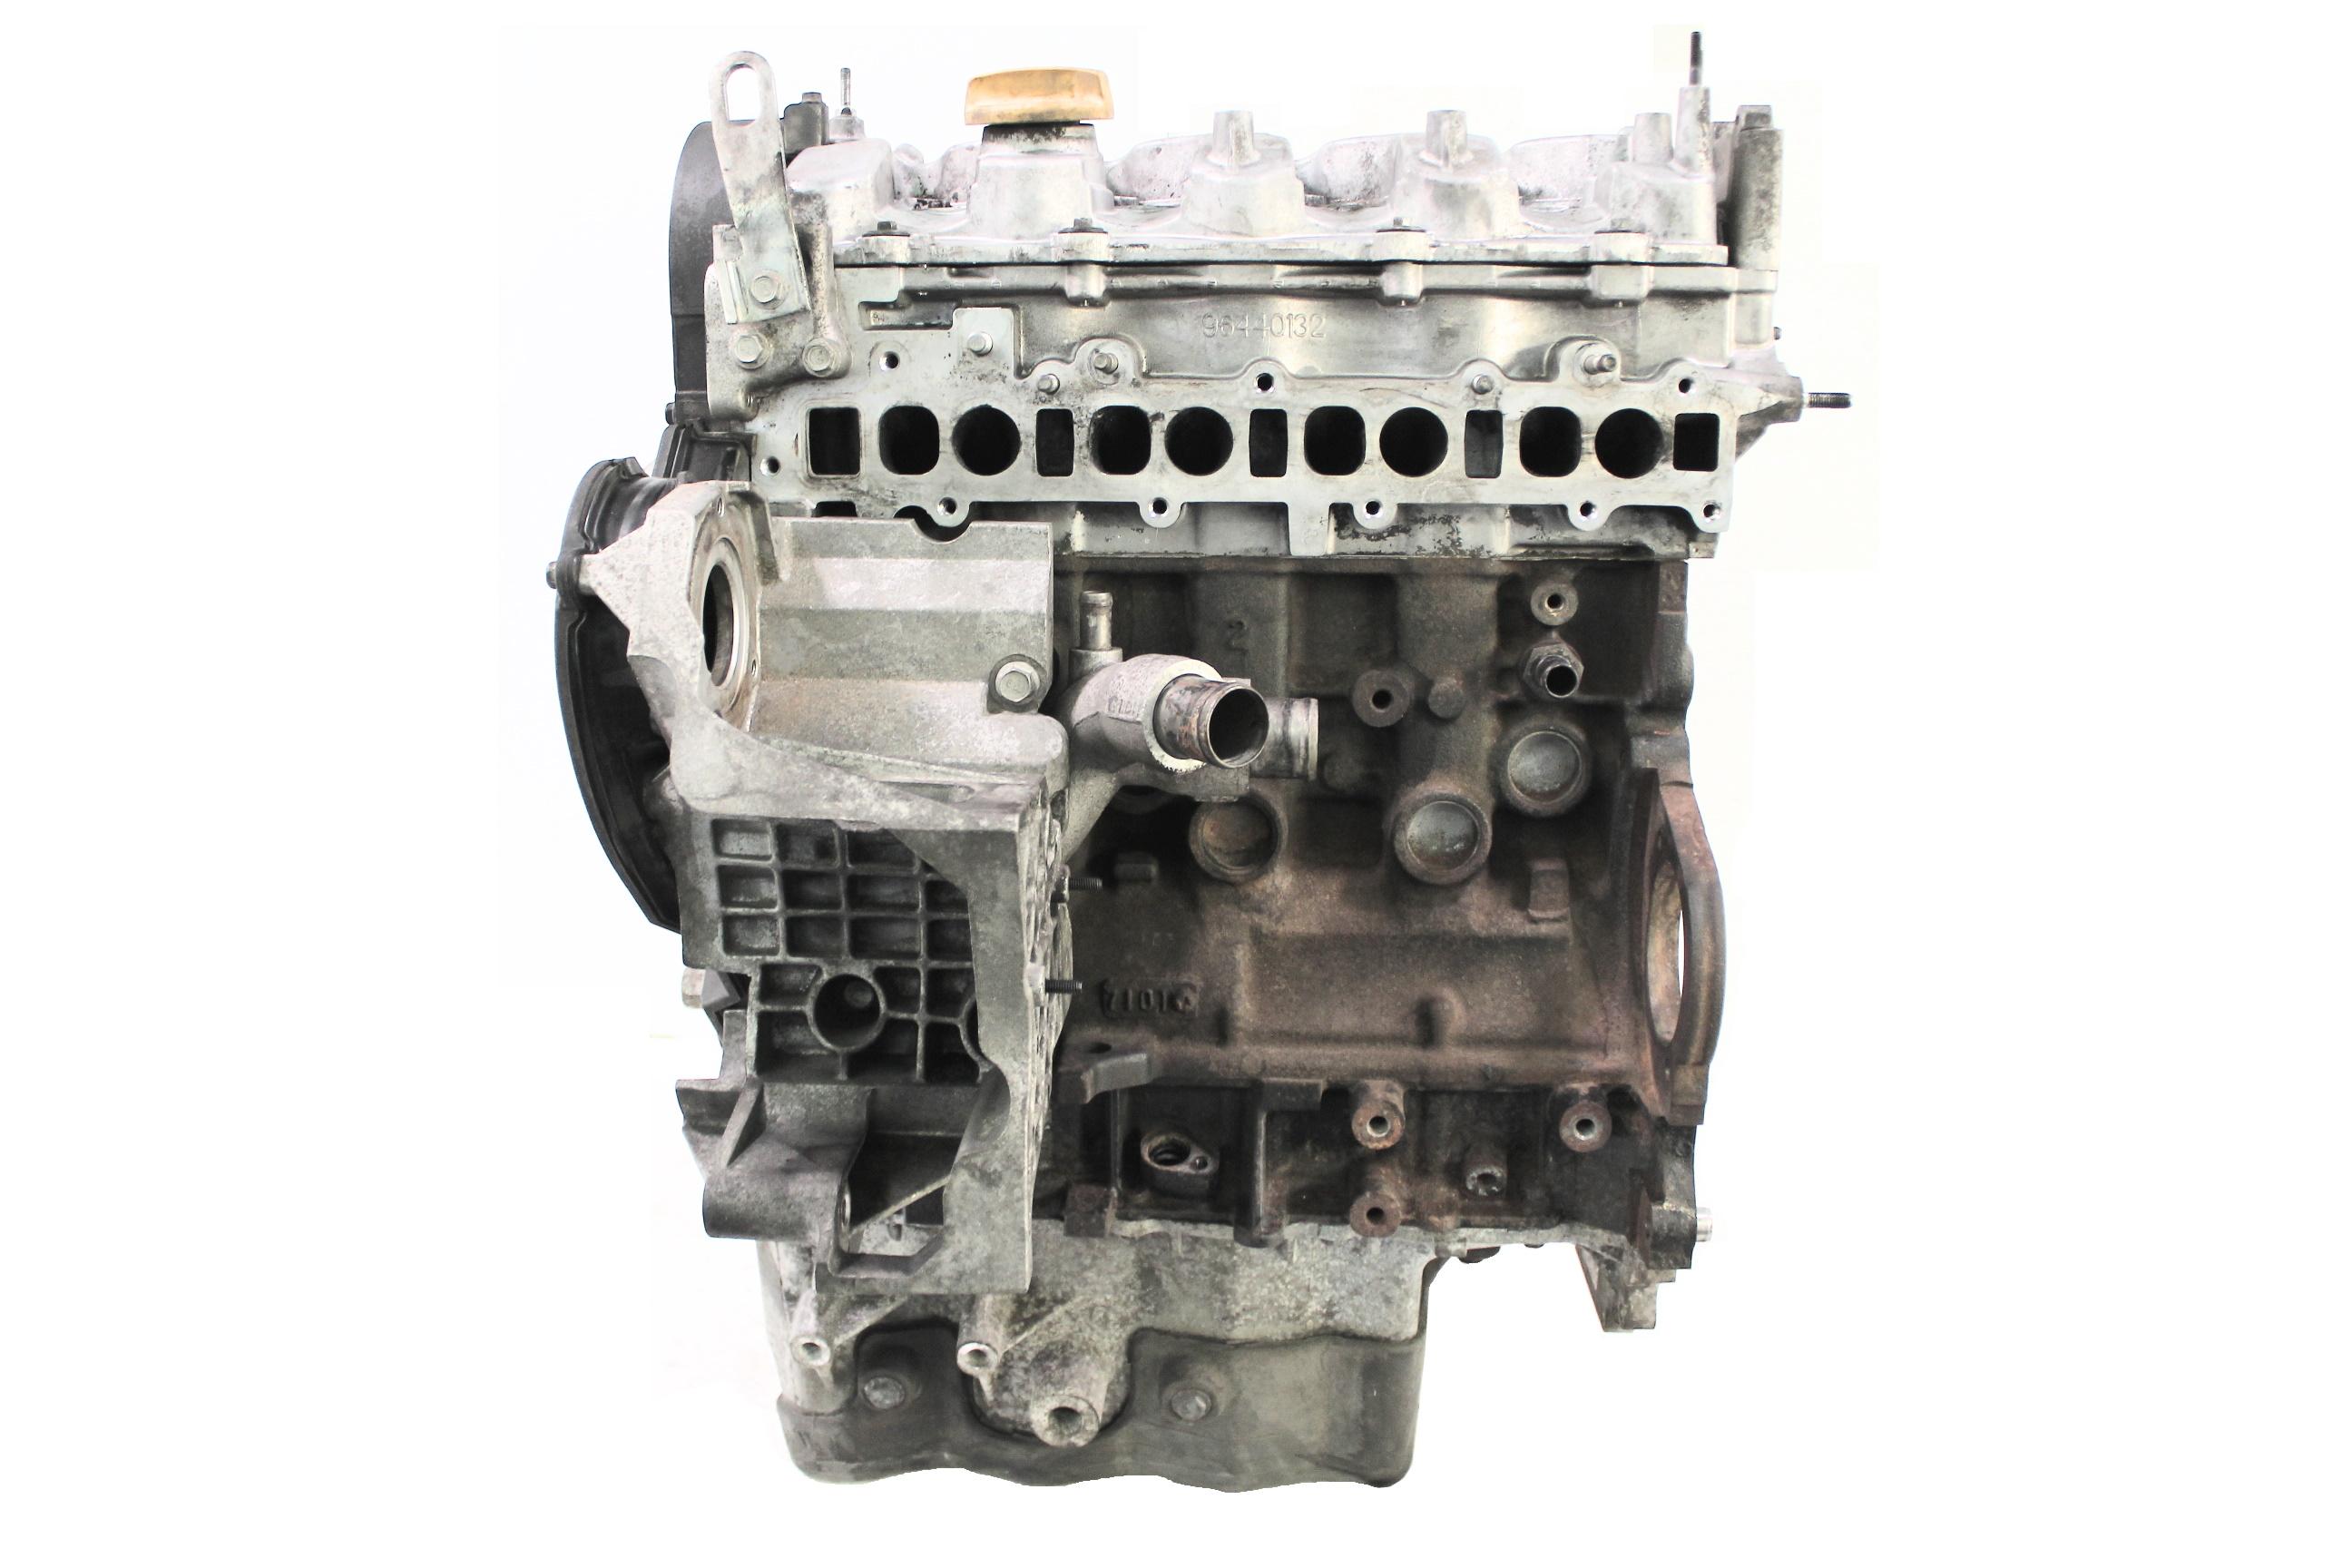 Motor 2008 Chevrolet Opel Cruze J300 Antara 2,0 CDI Diesel Z20S1 Z20DMH